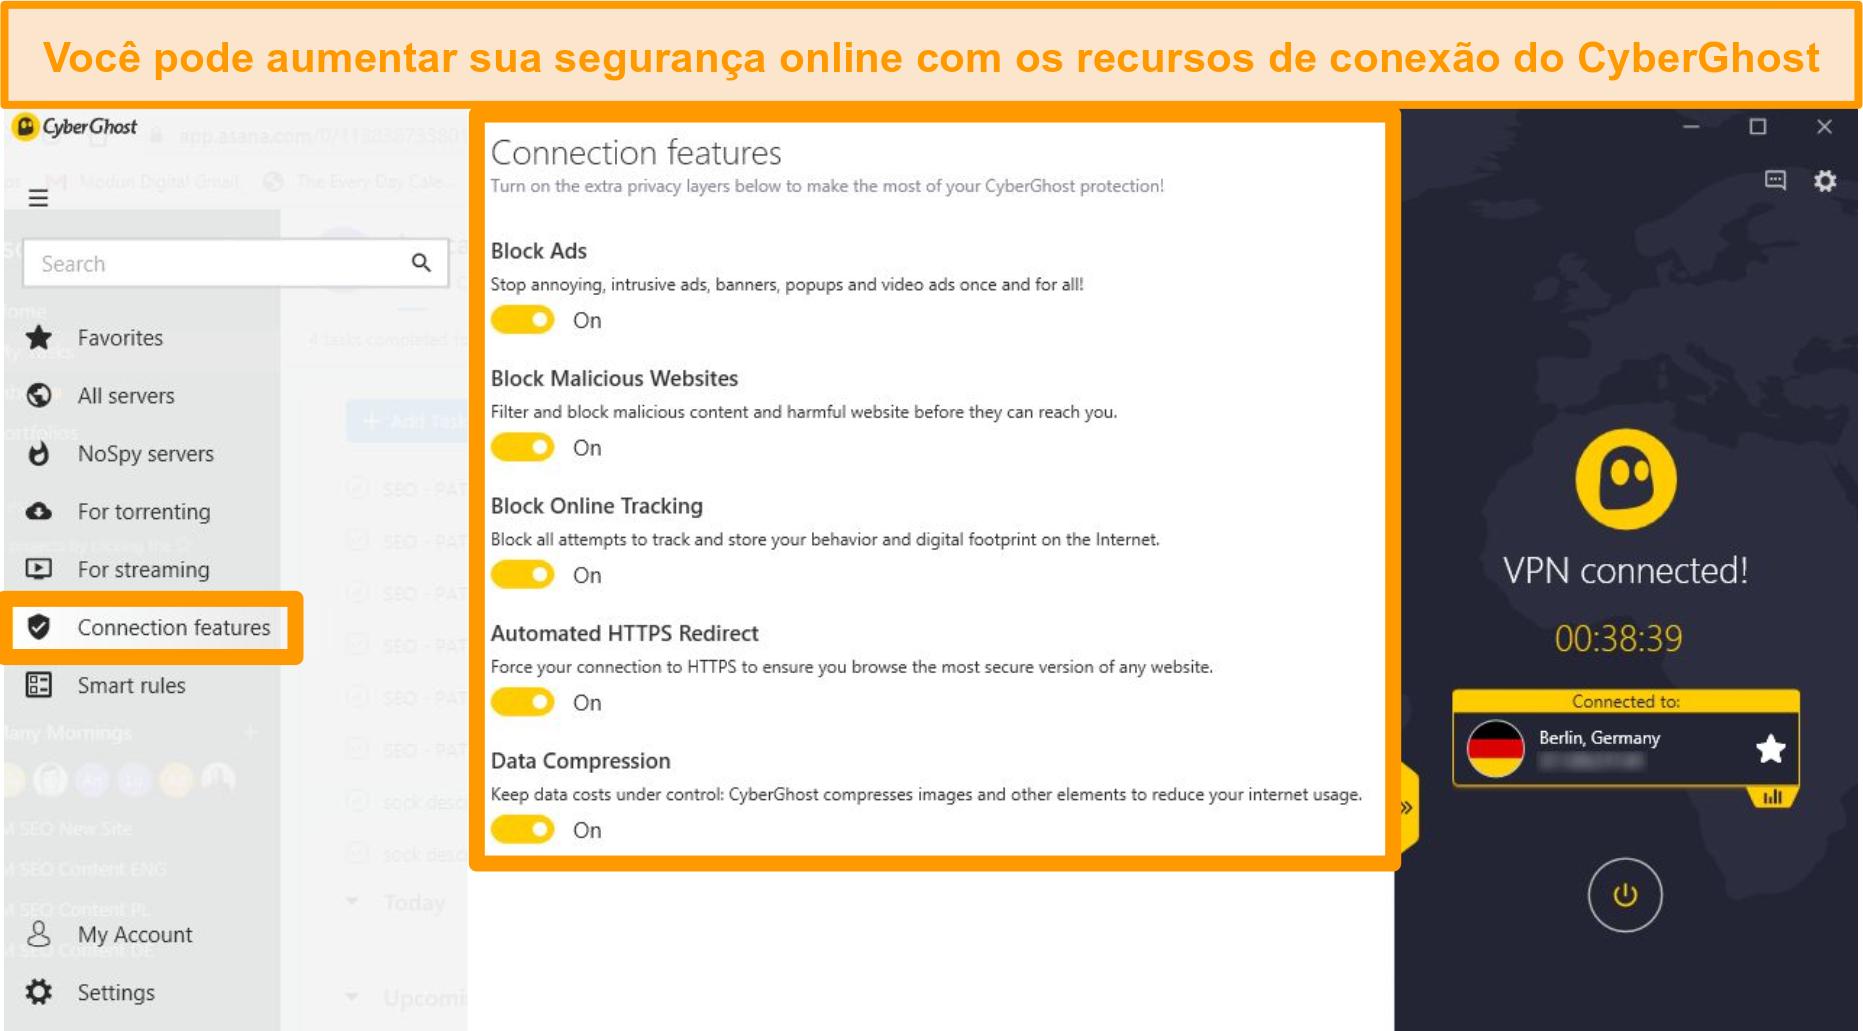 Captura de tela dos recursos de conexão do CyberGhost para melhorar a segurança online